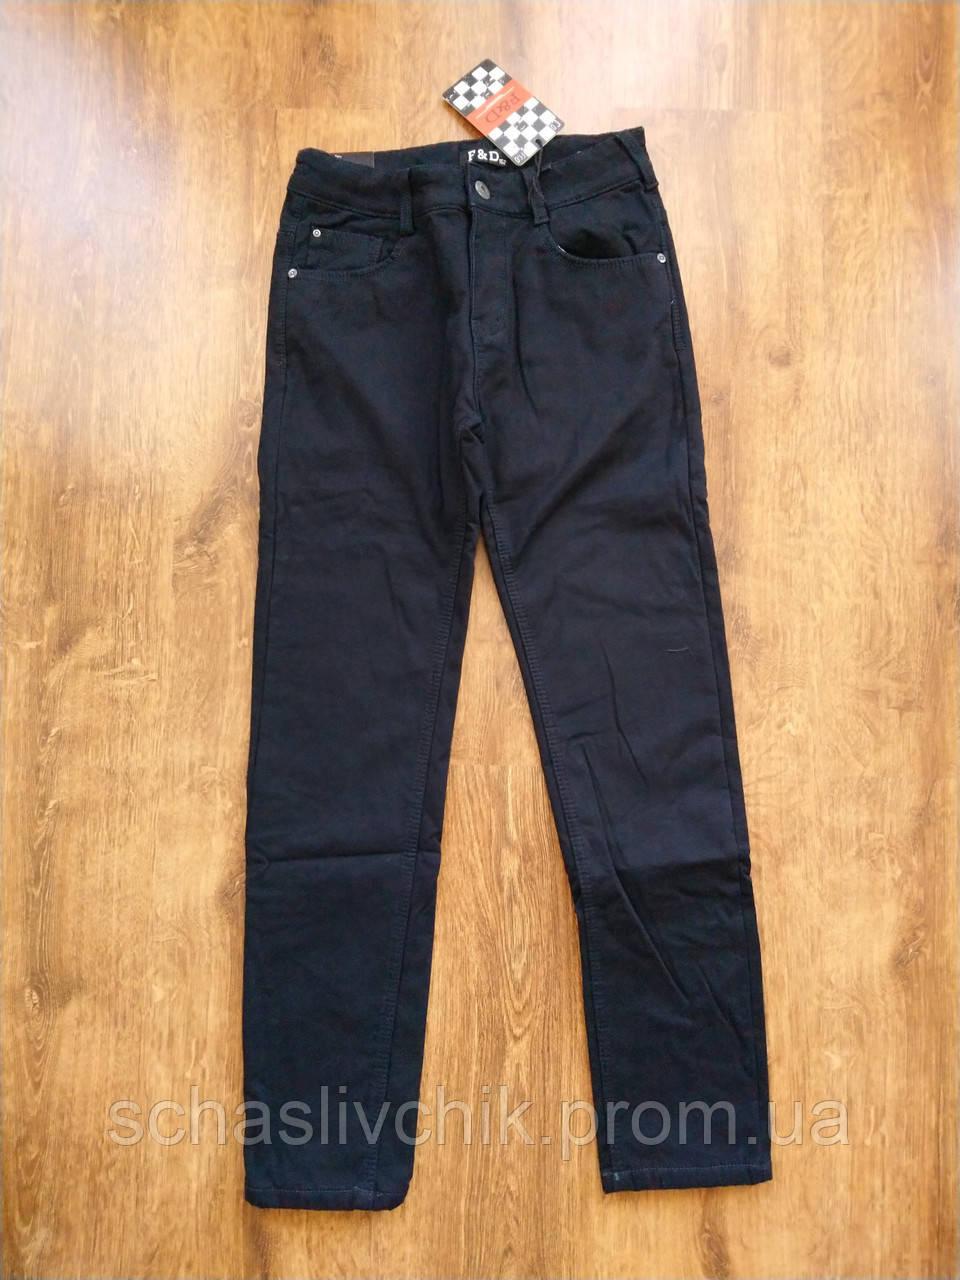 Джинсы брюки для мальчиков на флисе с Венгрии оптом , размер 134-164, фирма F&D